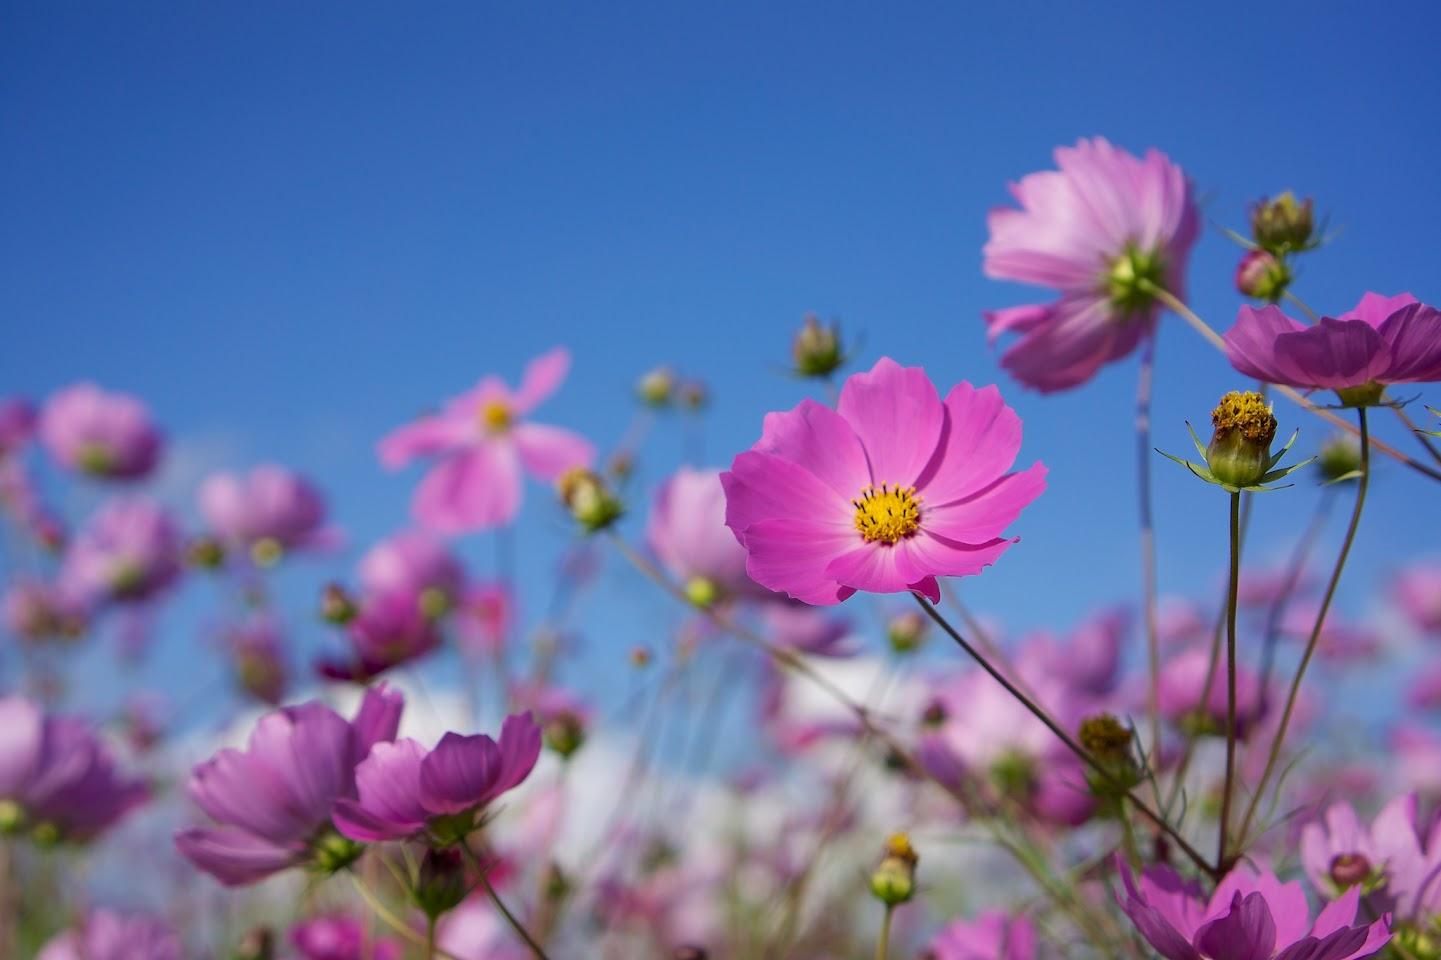 ブルーとピンクの可憐な世界